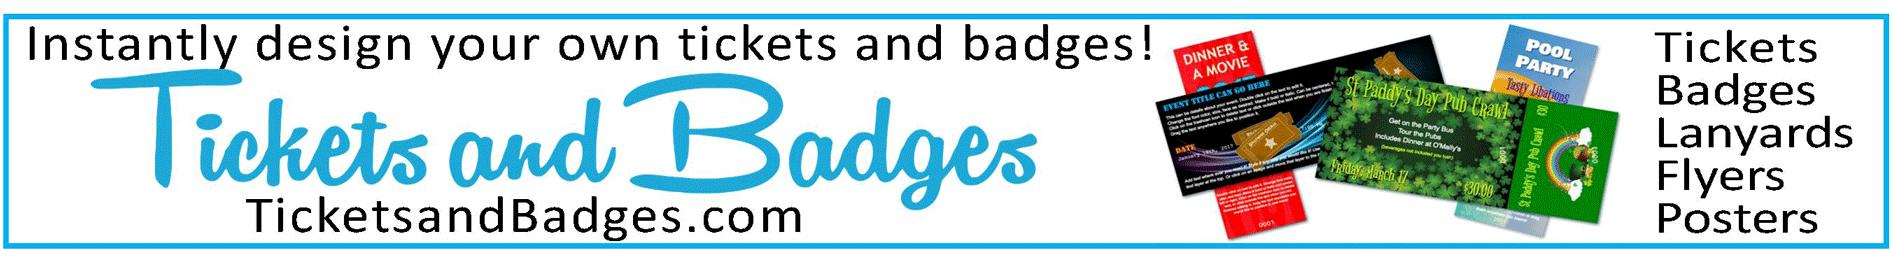 TicketsandBadges.com